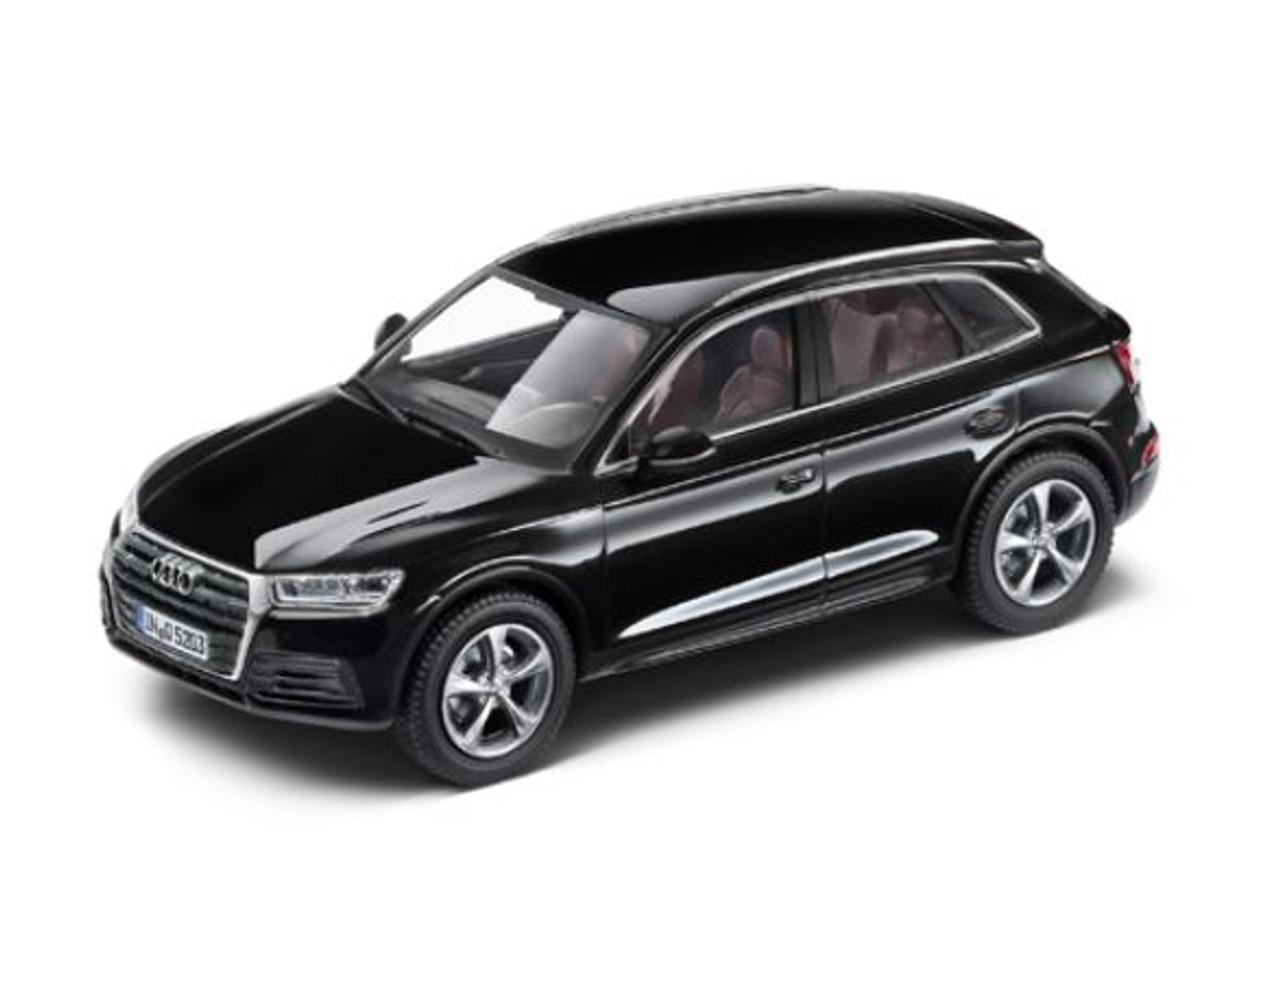 Genuine Audi Q5 - Myth Black, 1:43 Model Car - 5011605633